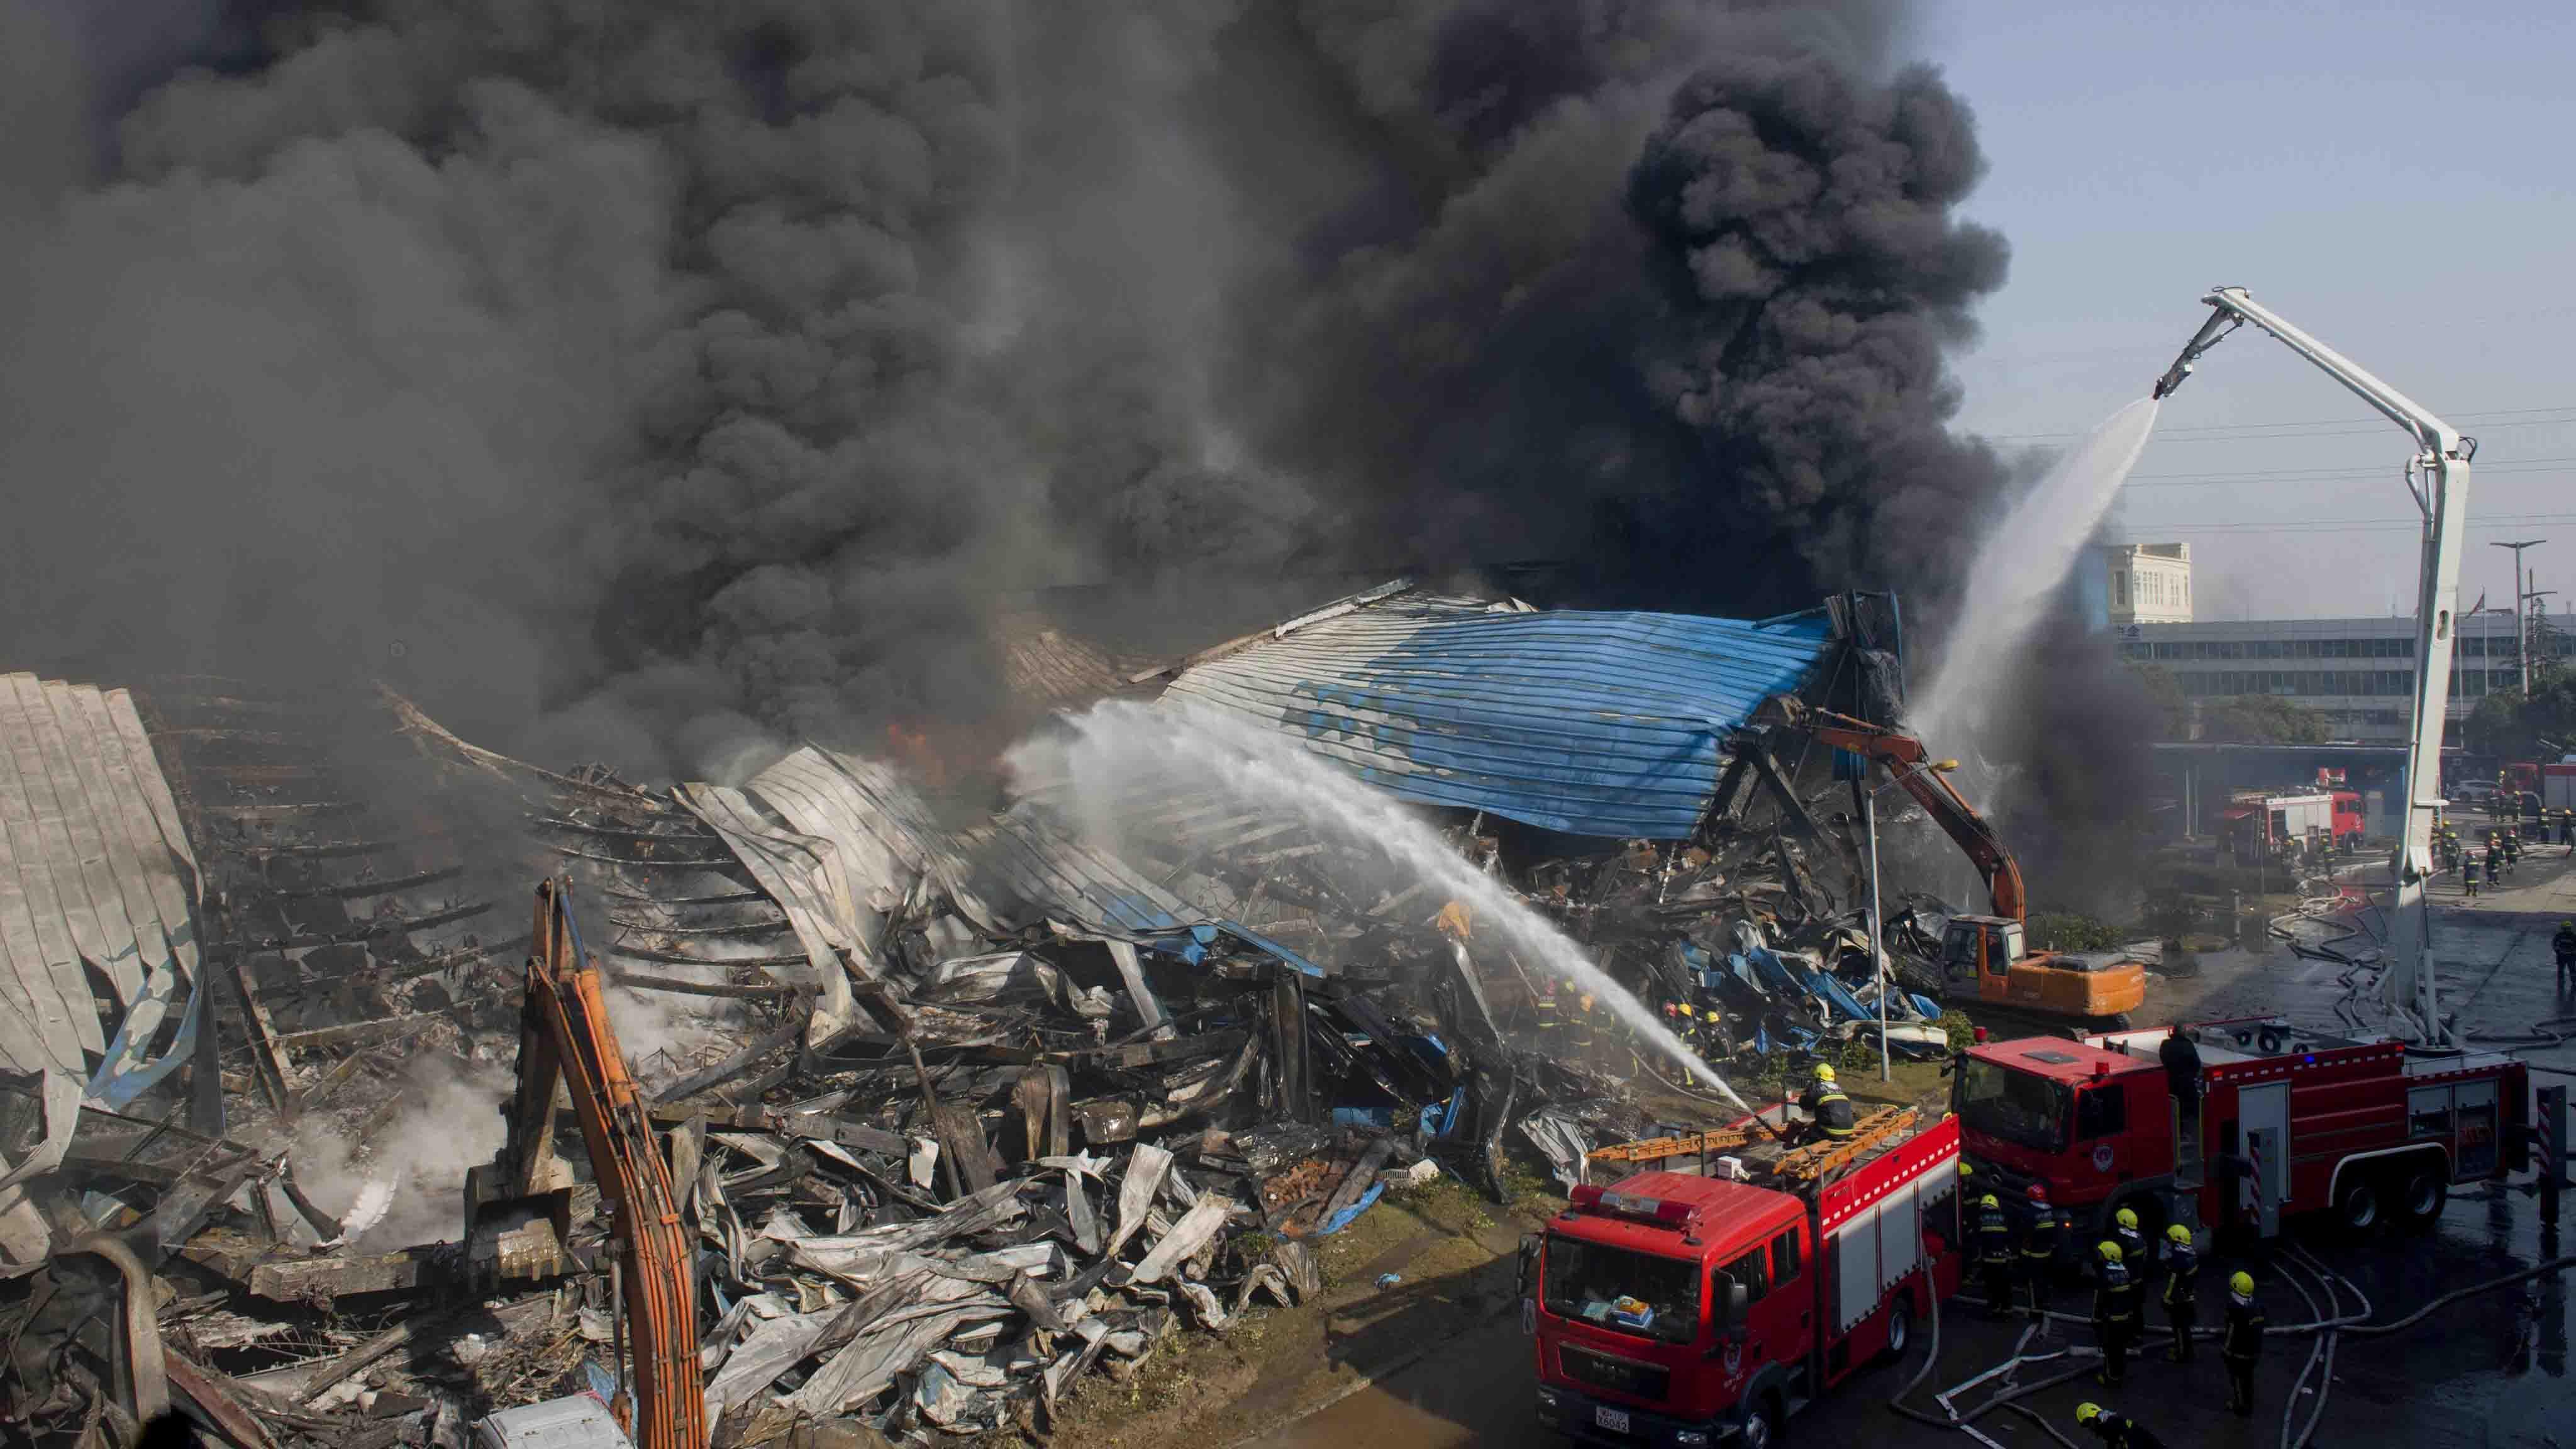 Hasta el momento no se conocen las causas que originaron el incendio; sin embargo, fuentes locales descartaron la posibilidad de un ataque terrorista